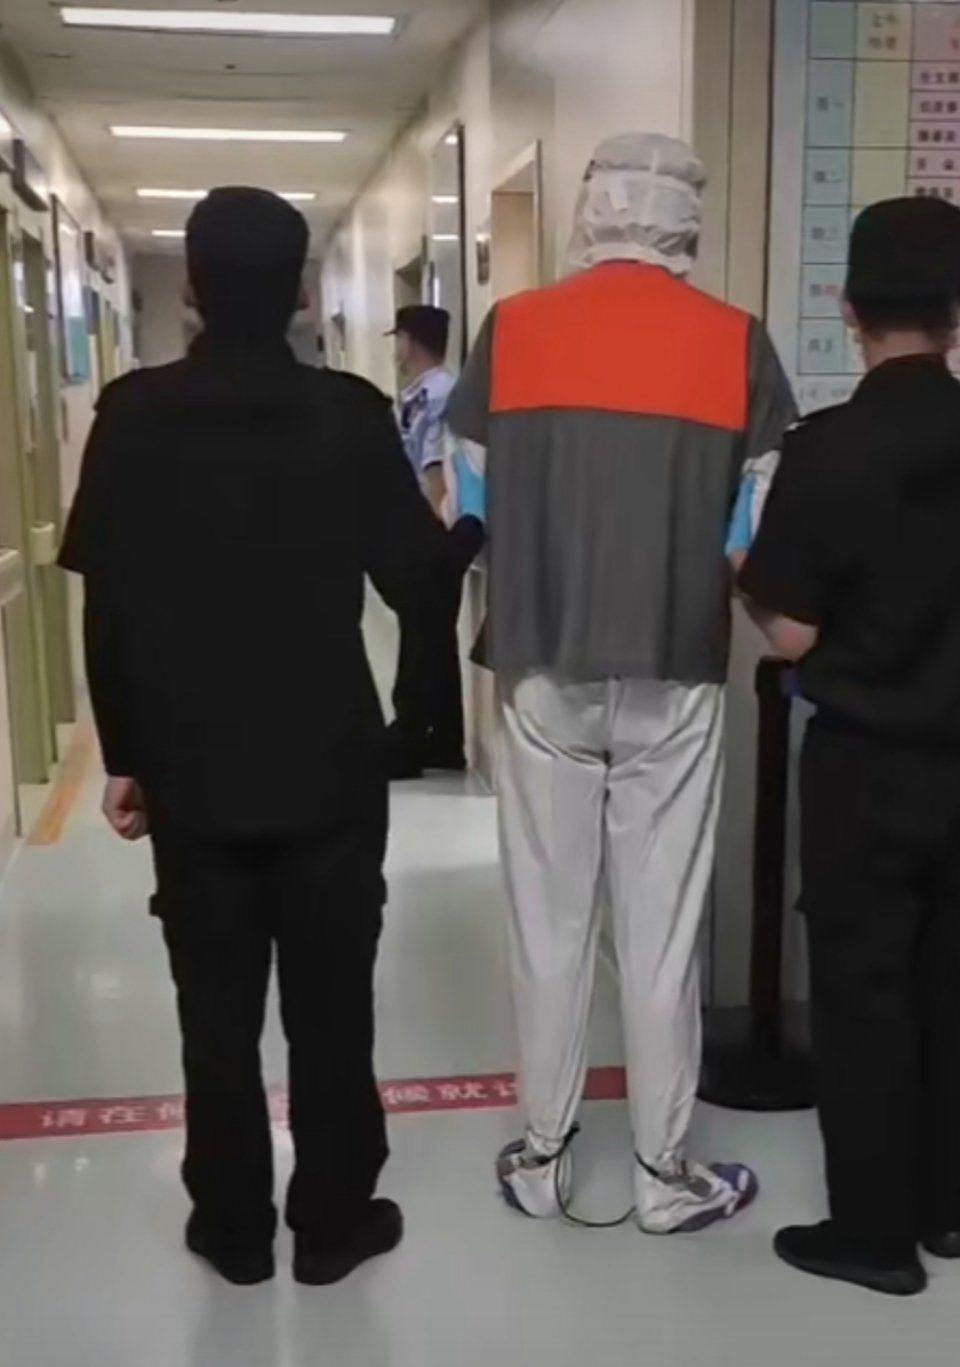 網友瘋傳疑似吳亦凡(中)的男子到醫院看皮膚科。圖/摘自微博